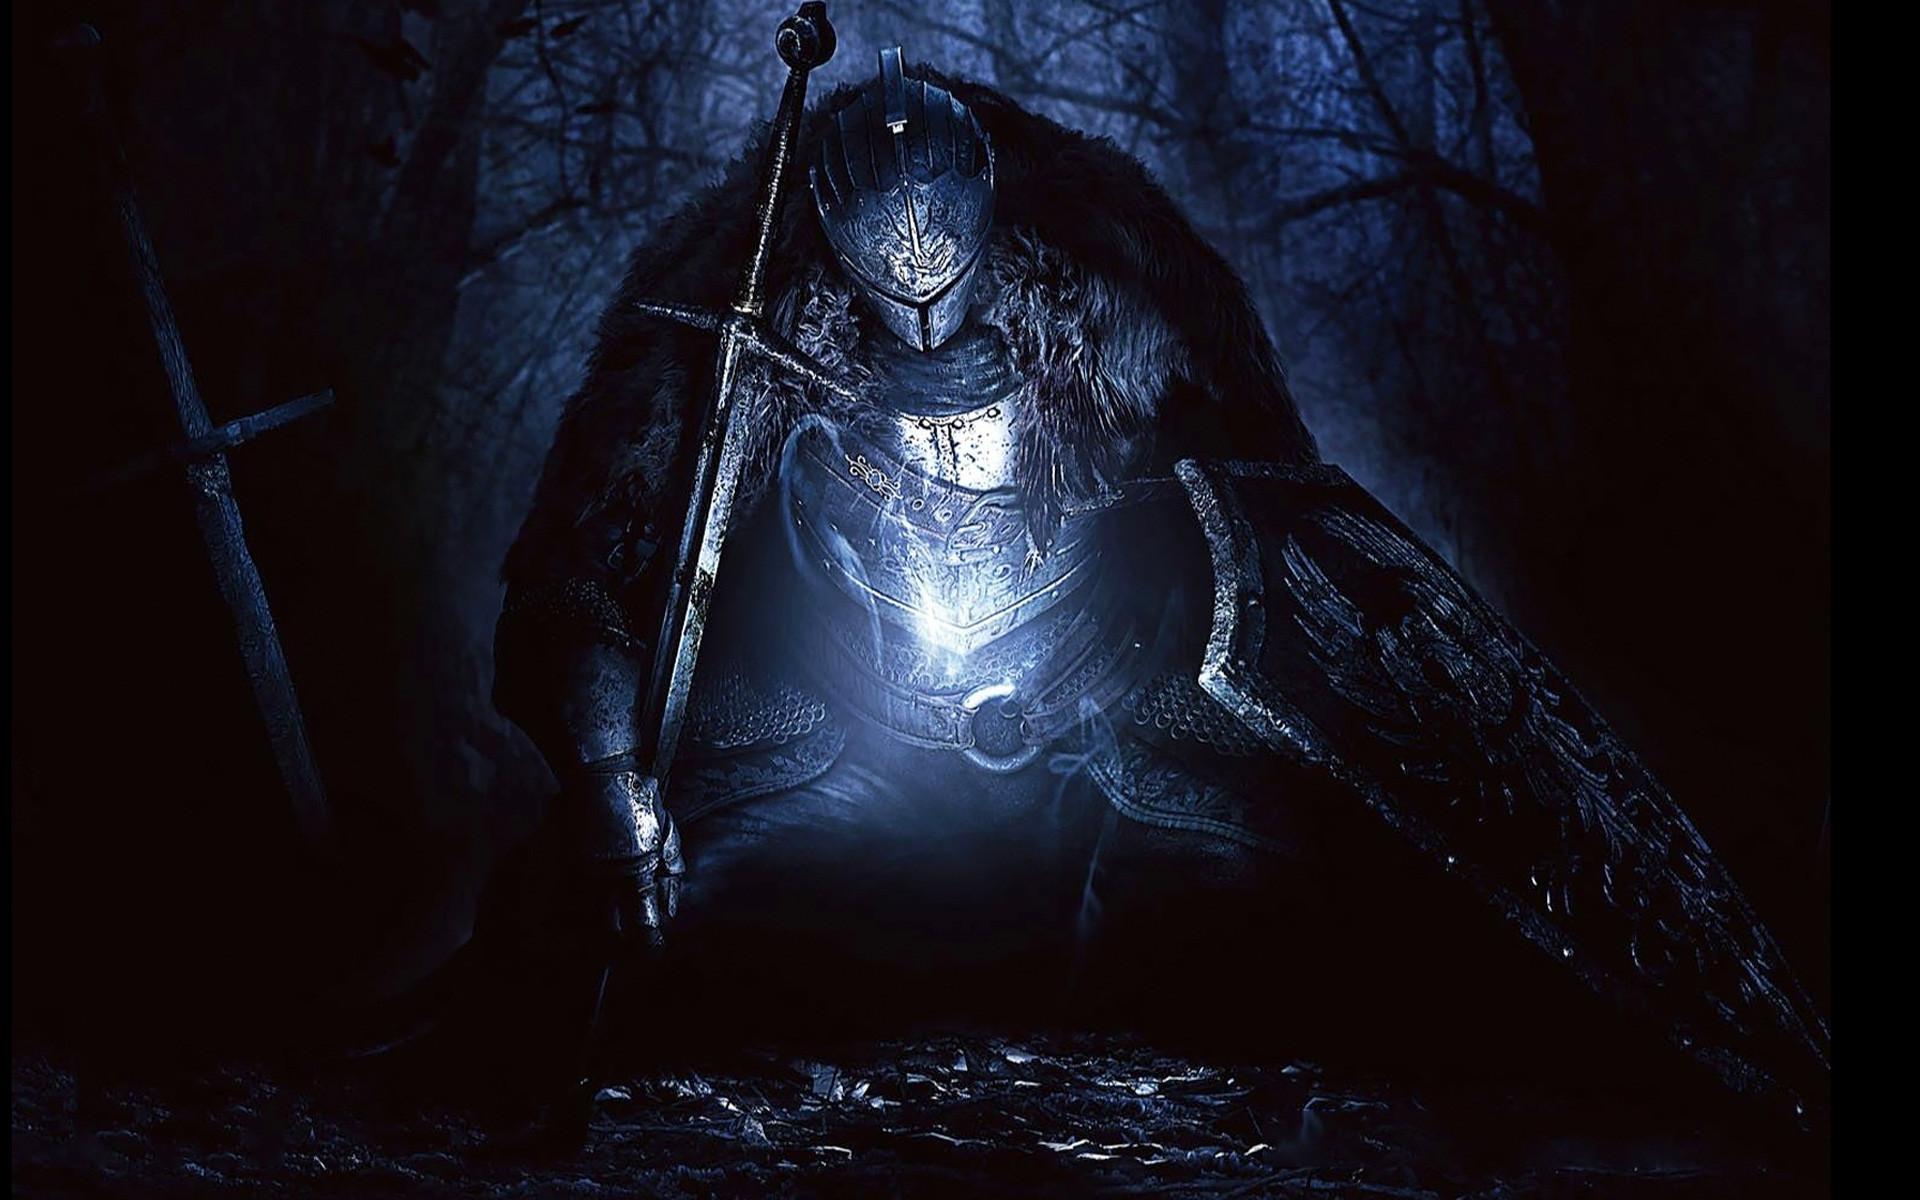 Dark Souls Iphone Wallpaper 75 Images